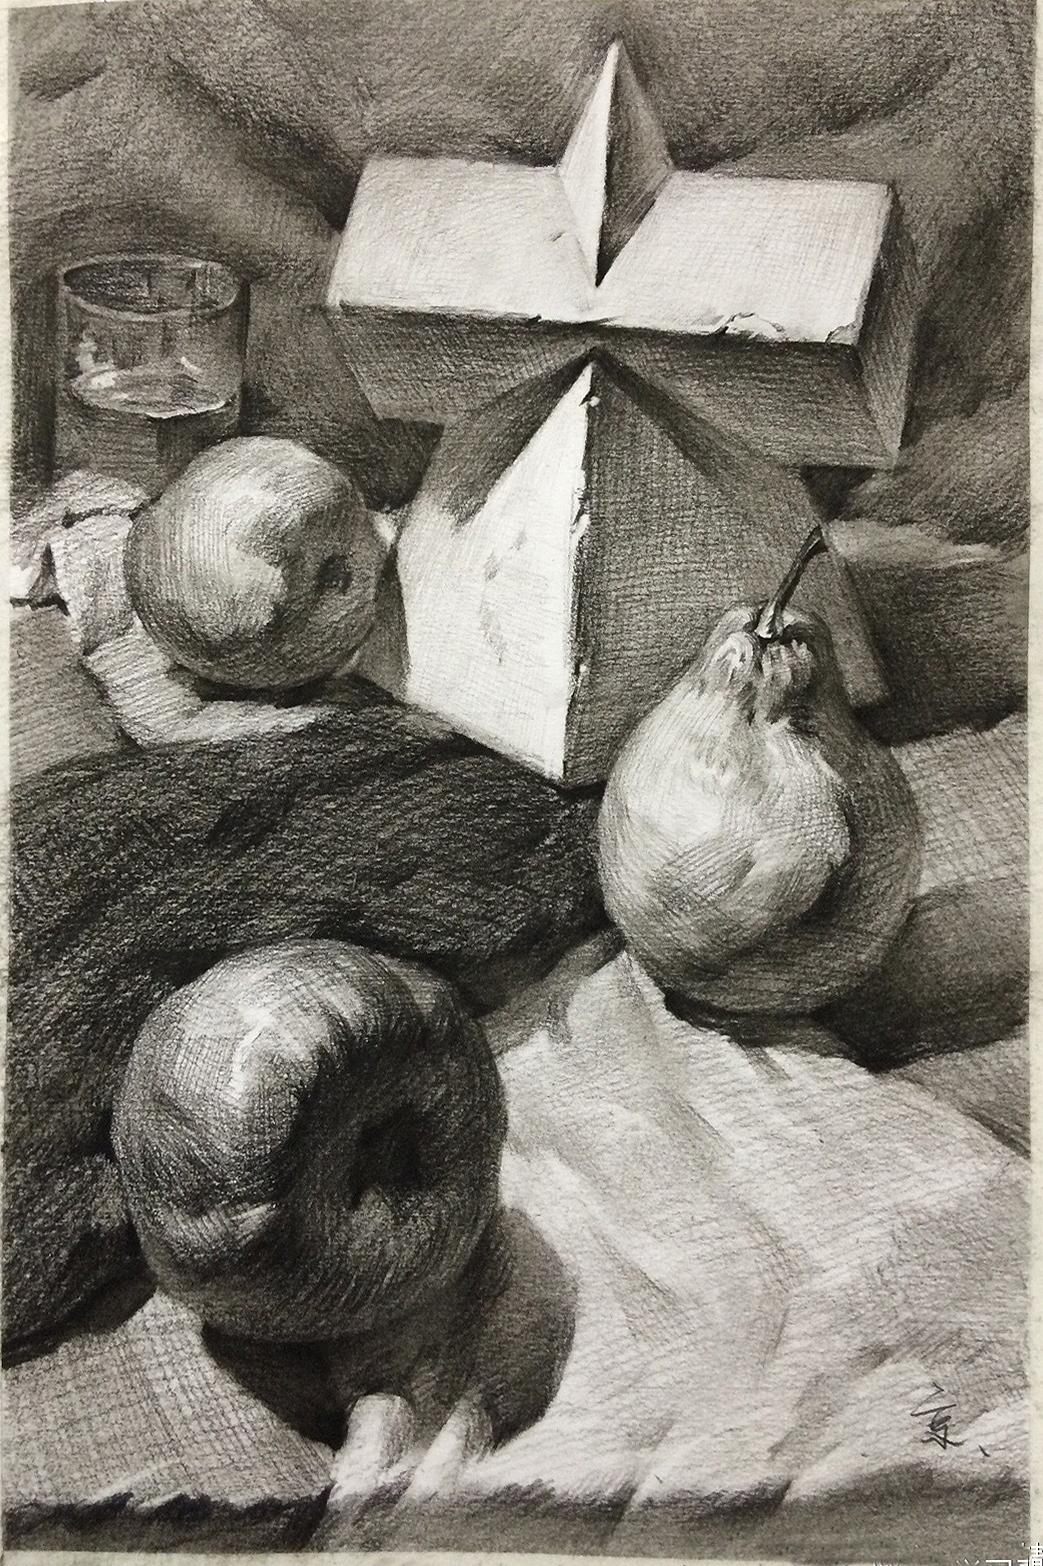 美術素描繪畫基本技巧有哪些